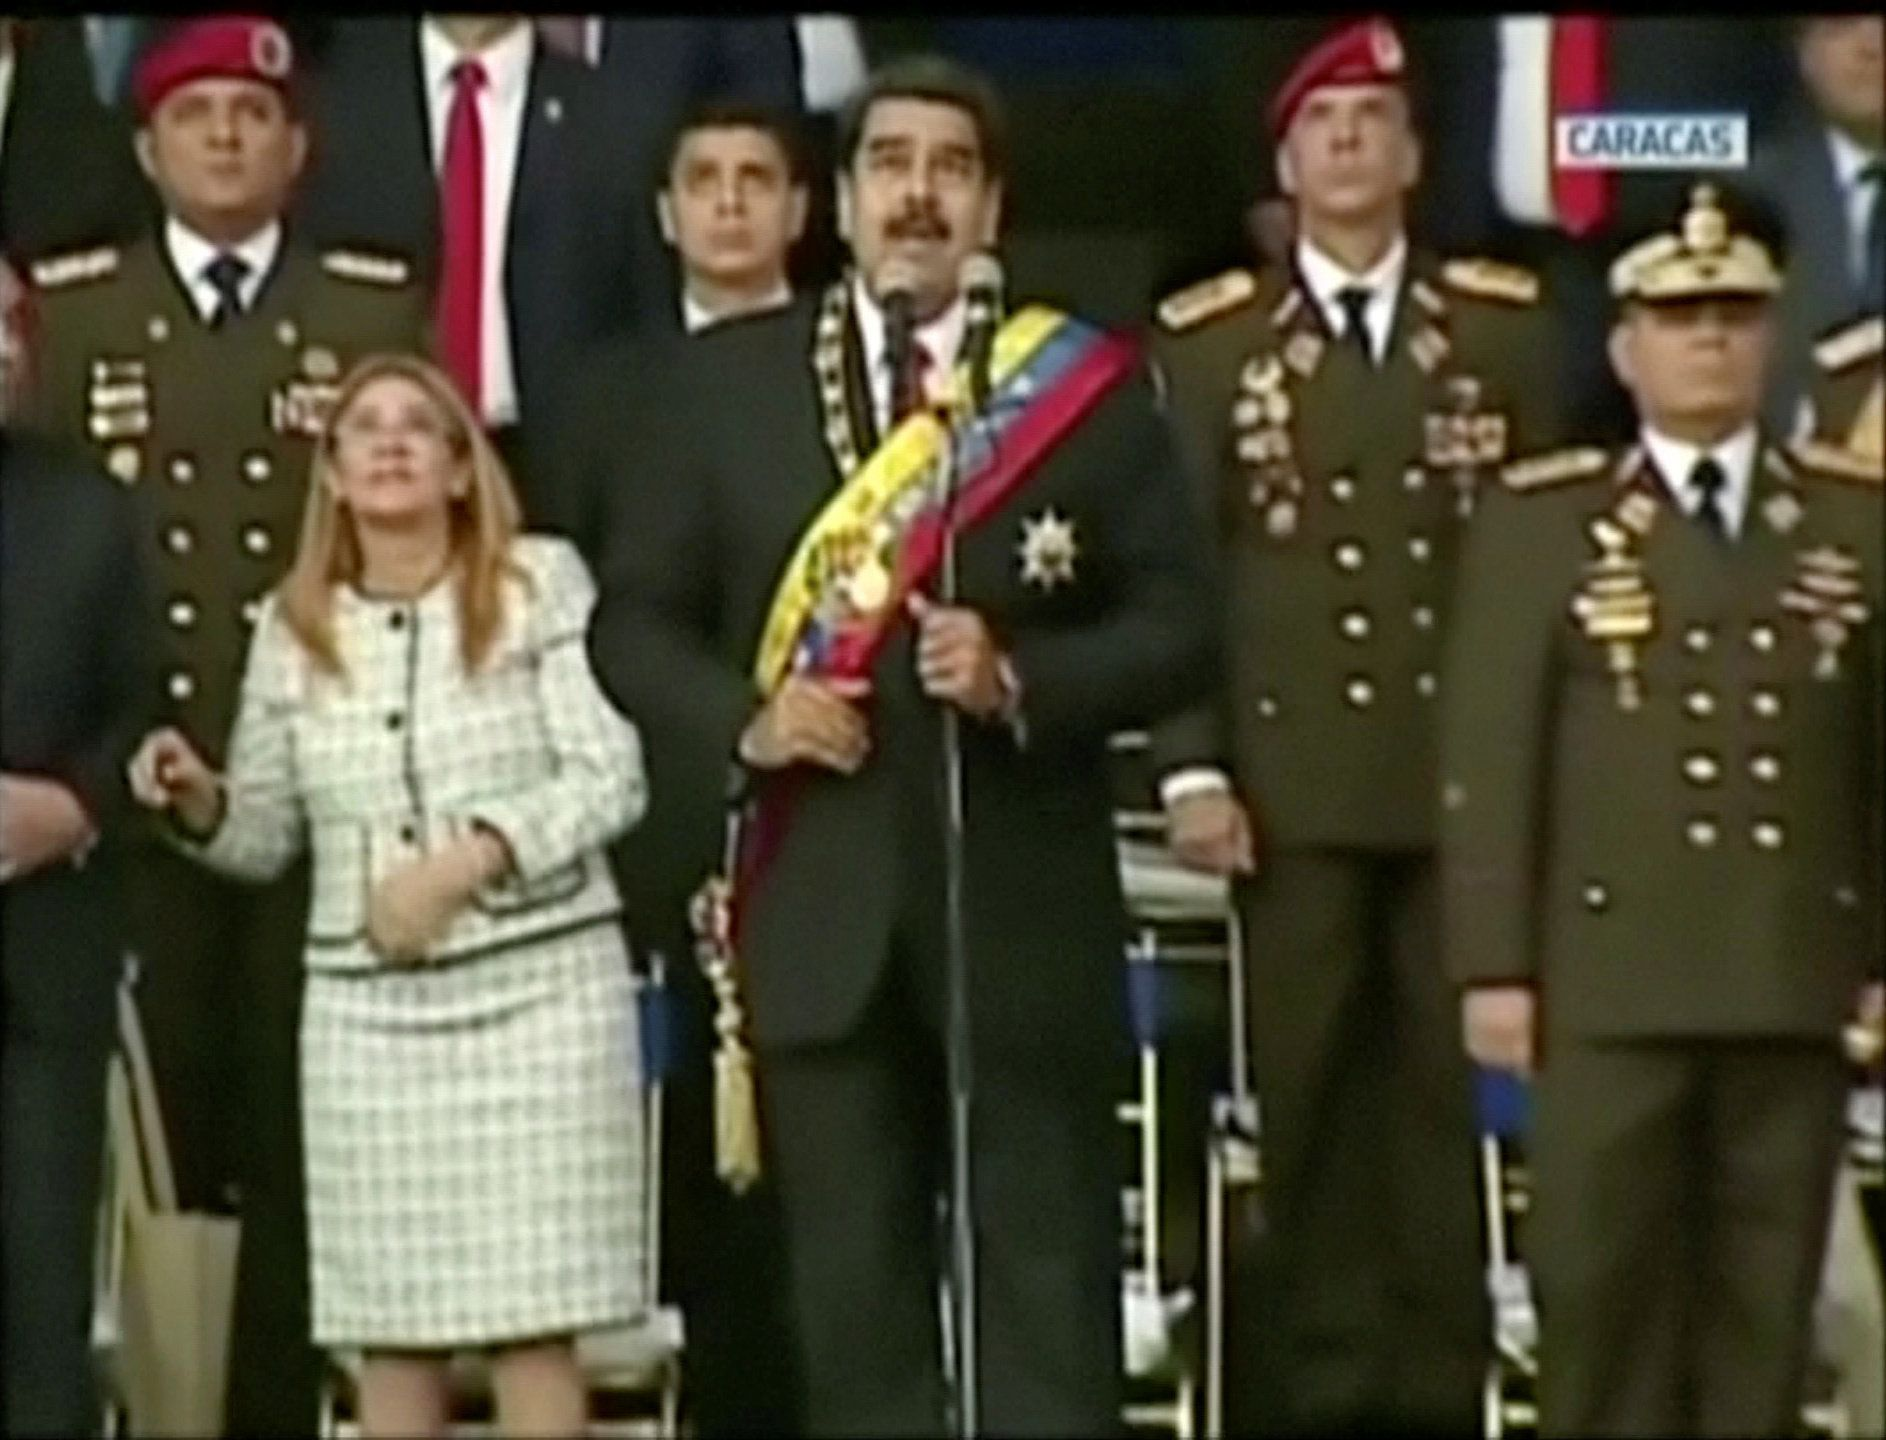 Venezuela: Maduro dit avoir échappé à un attentat et accuse le président